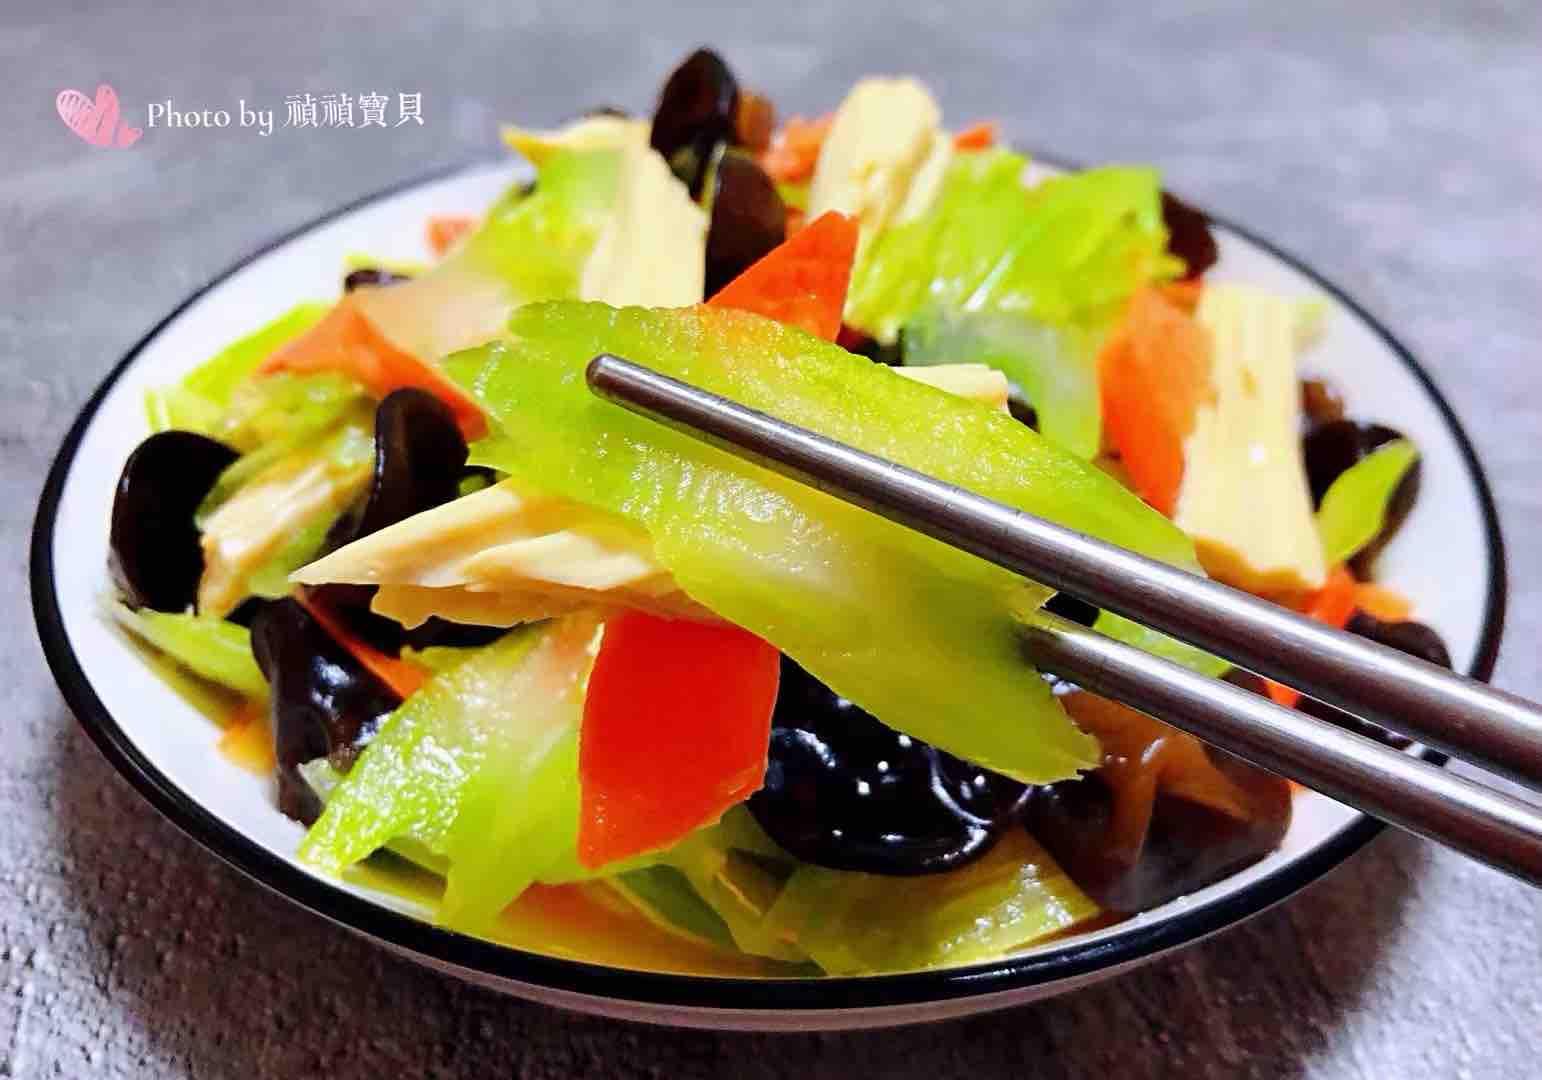 芹菜胡萝卜木耳拌腐竹怎样煮